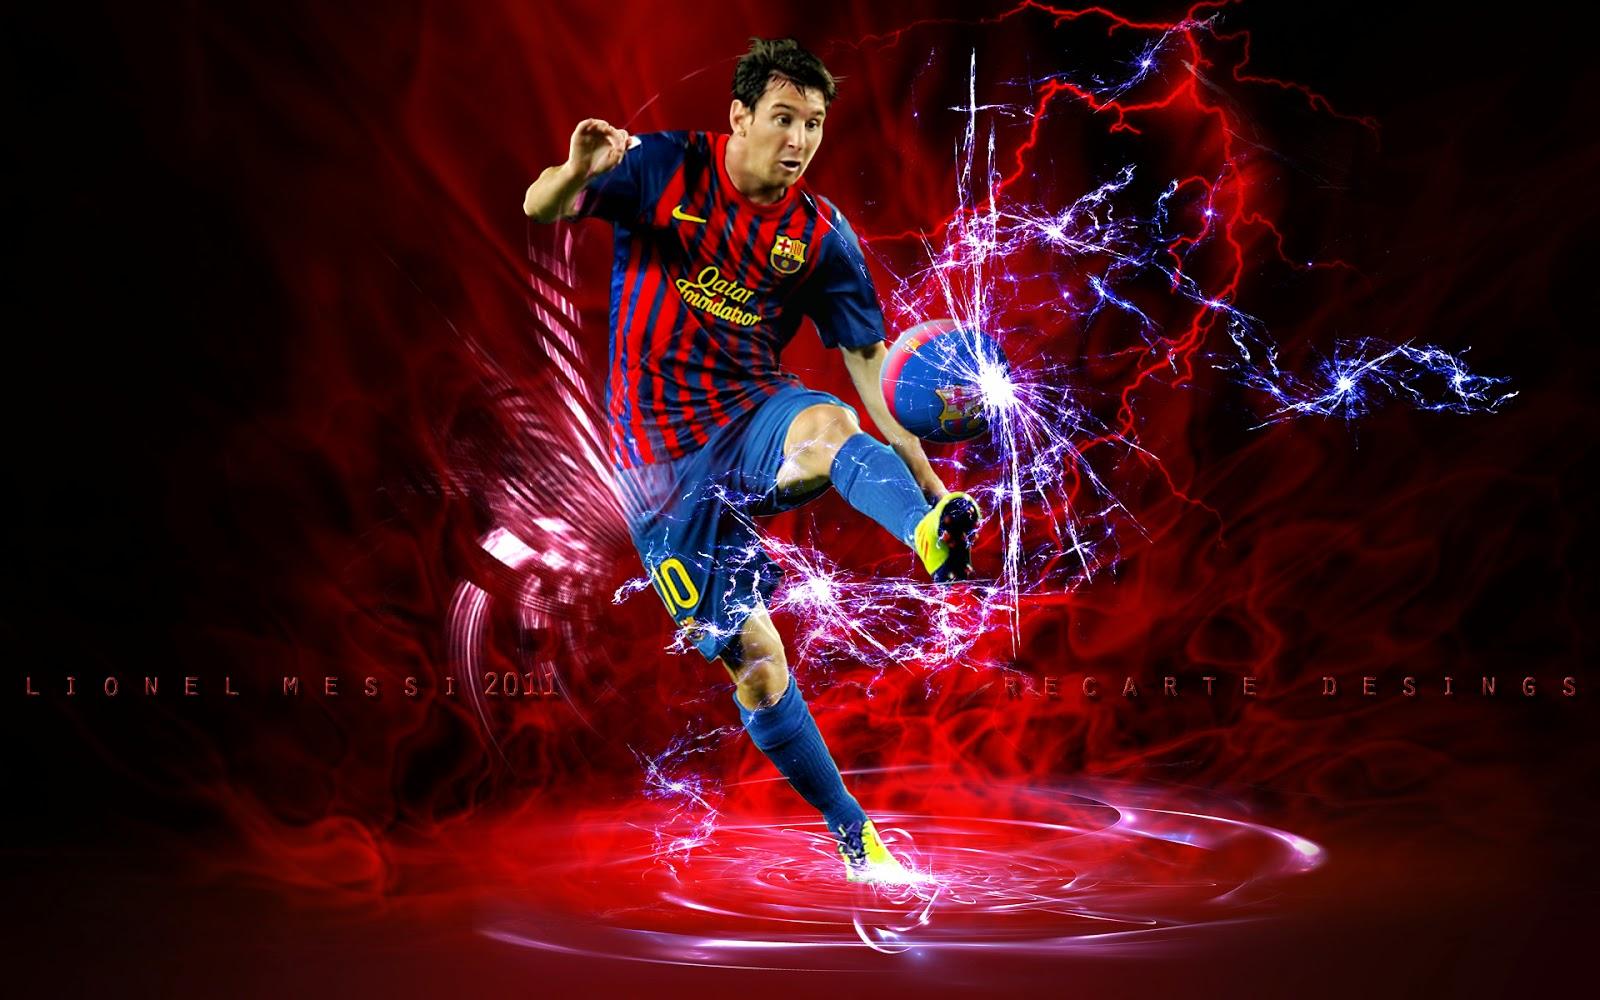 Tema Lionel Messi 2015